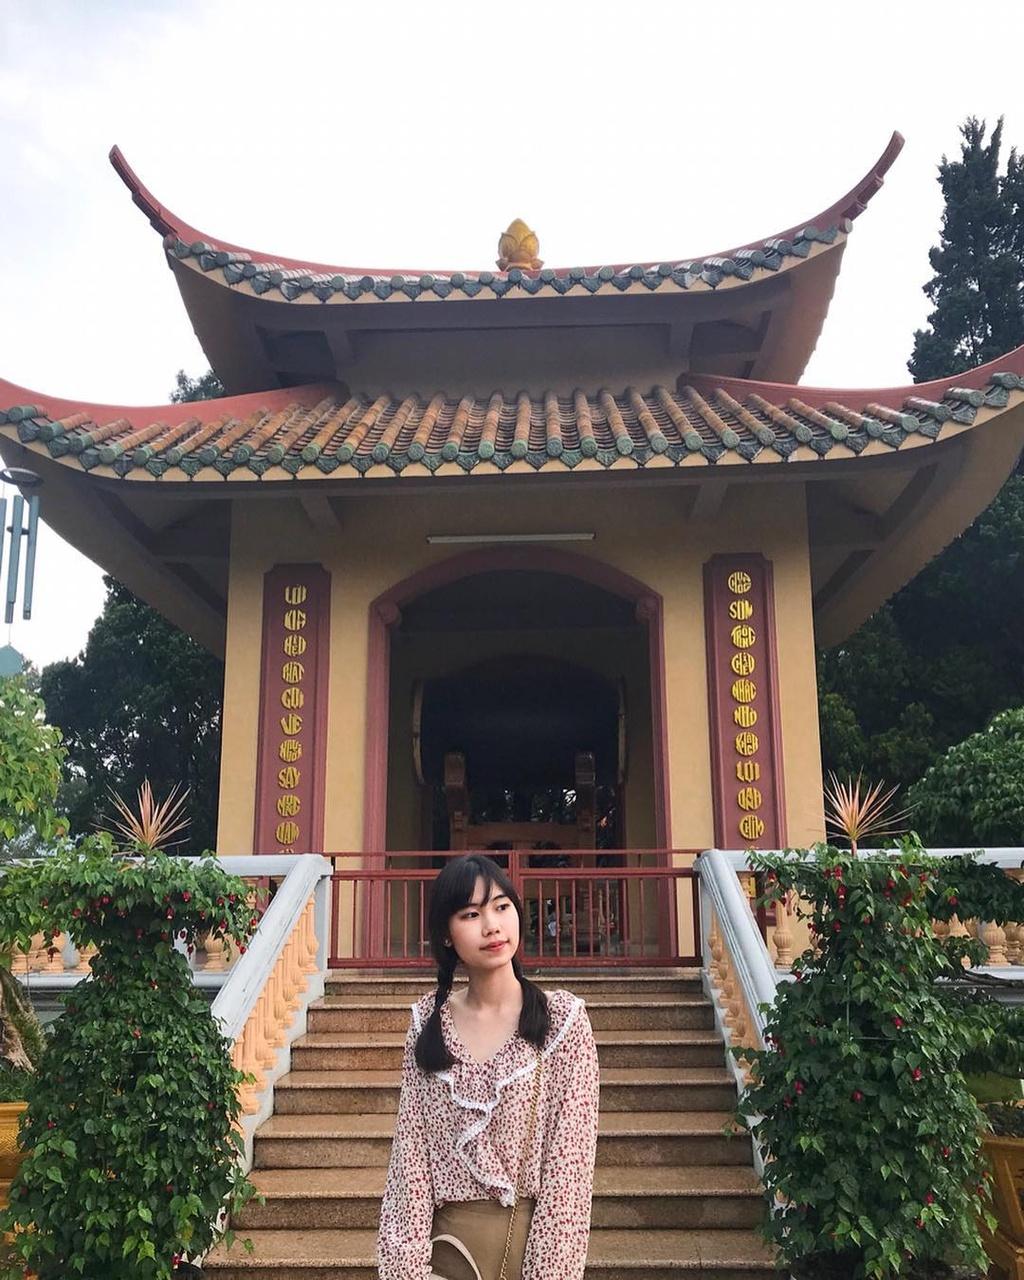 4 Thien vien Truc Lam noi tieng o Nam Bo hinh anh 4  - kamrapee_58423802_2291428301104754_2672632472213110408_n - 4 Thiền viện Trúc Lâm nổi tiếng ở Nam Bộ